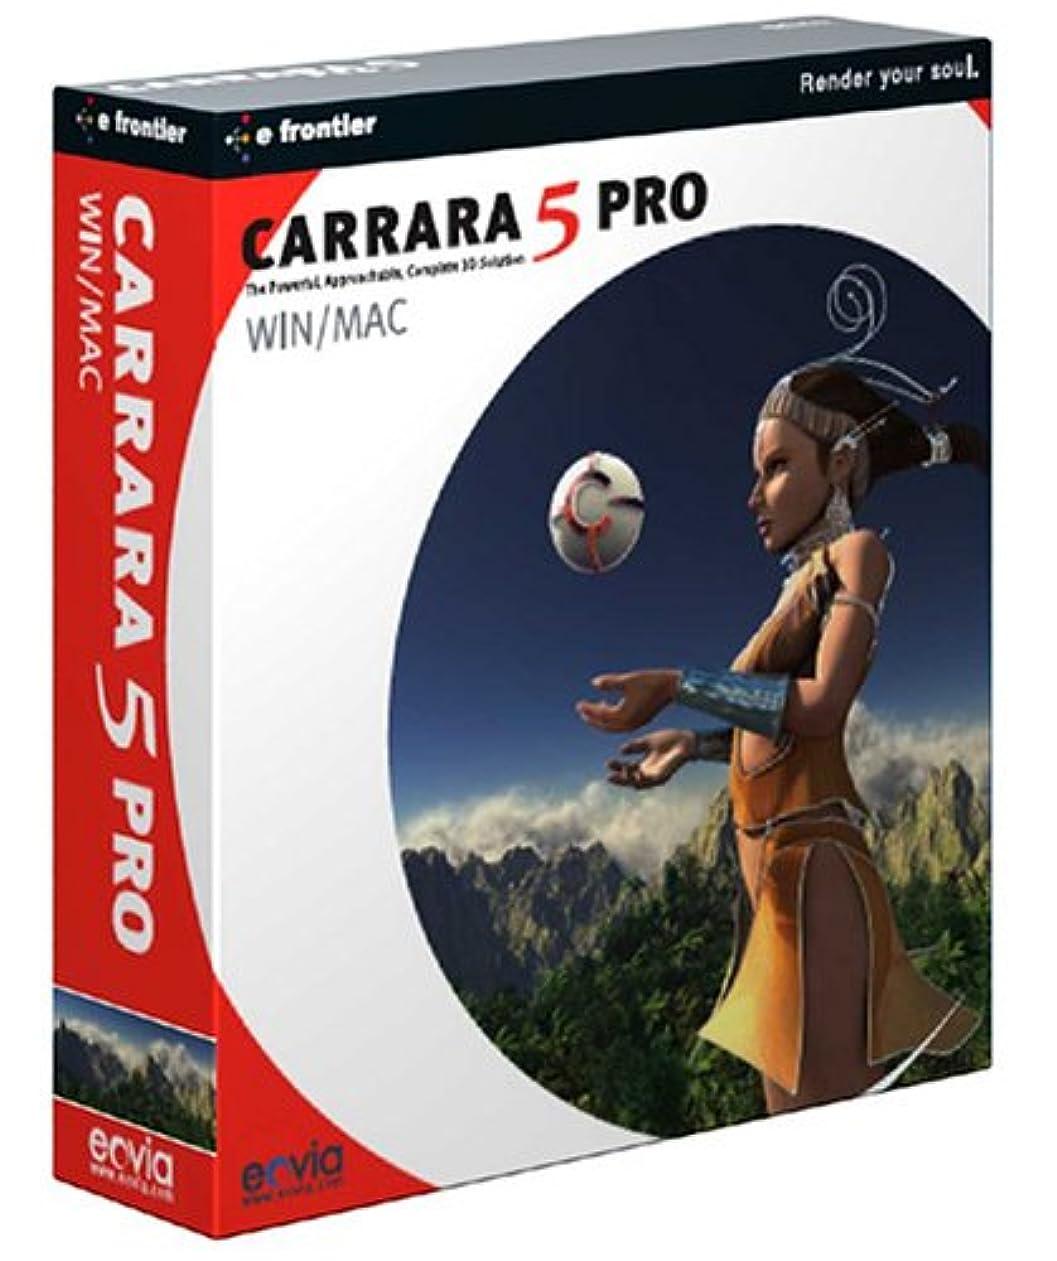 フライカイト最適無効CARRARA 5 PRO 日本語版